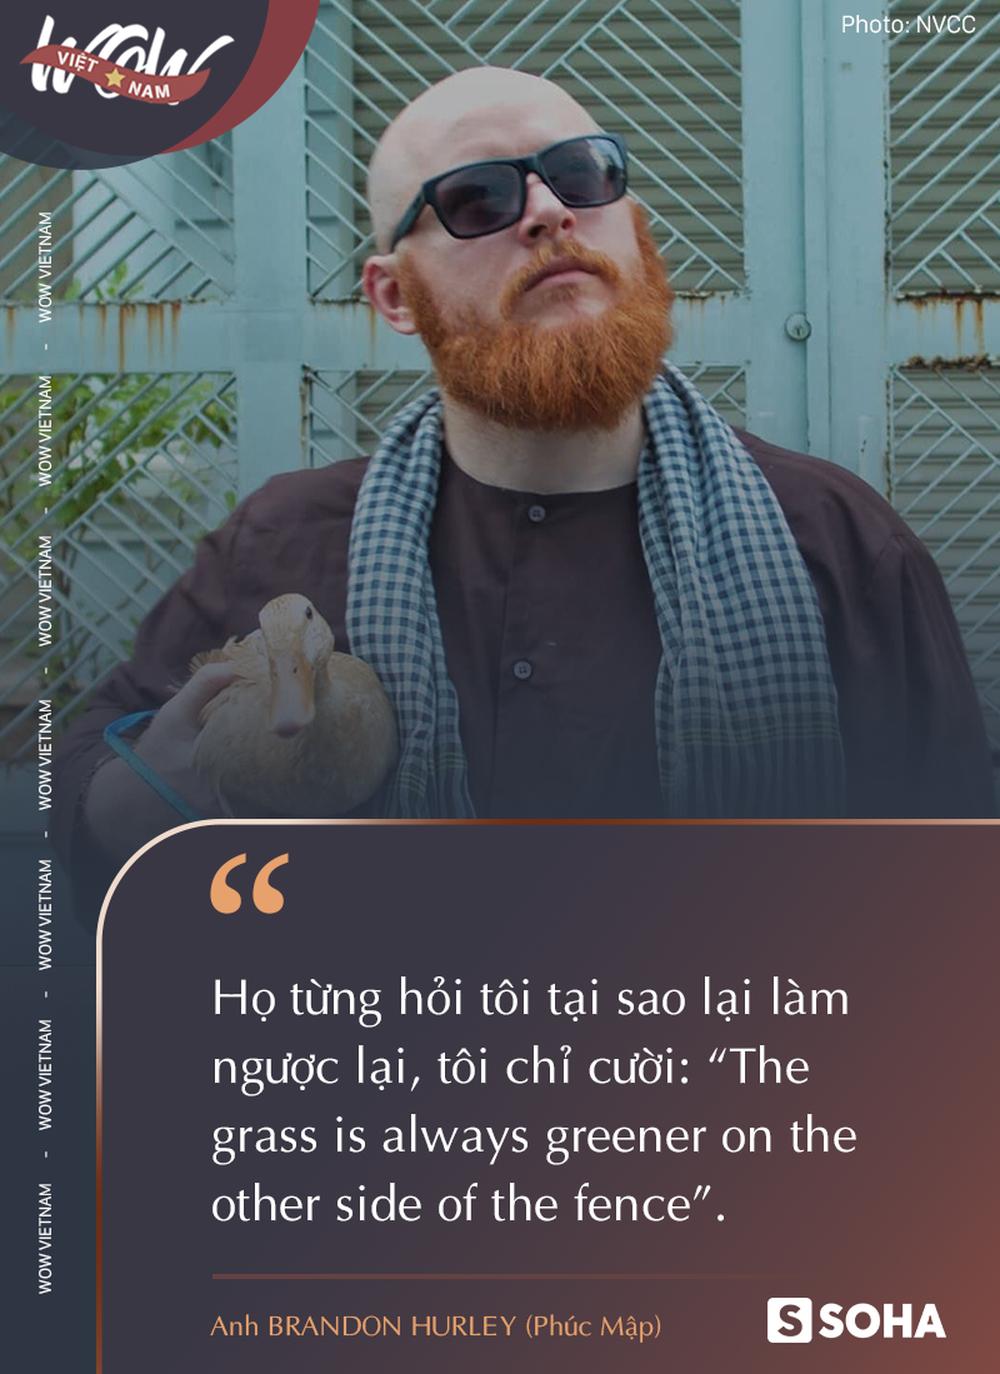 Vụ cướp ở Hà Nội và lý do khiến chàng trai Mỹ đi khắp thế giới muốn sống cả đời ở Việt Nam - Ảnh 5.